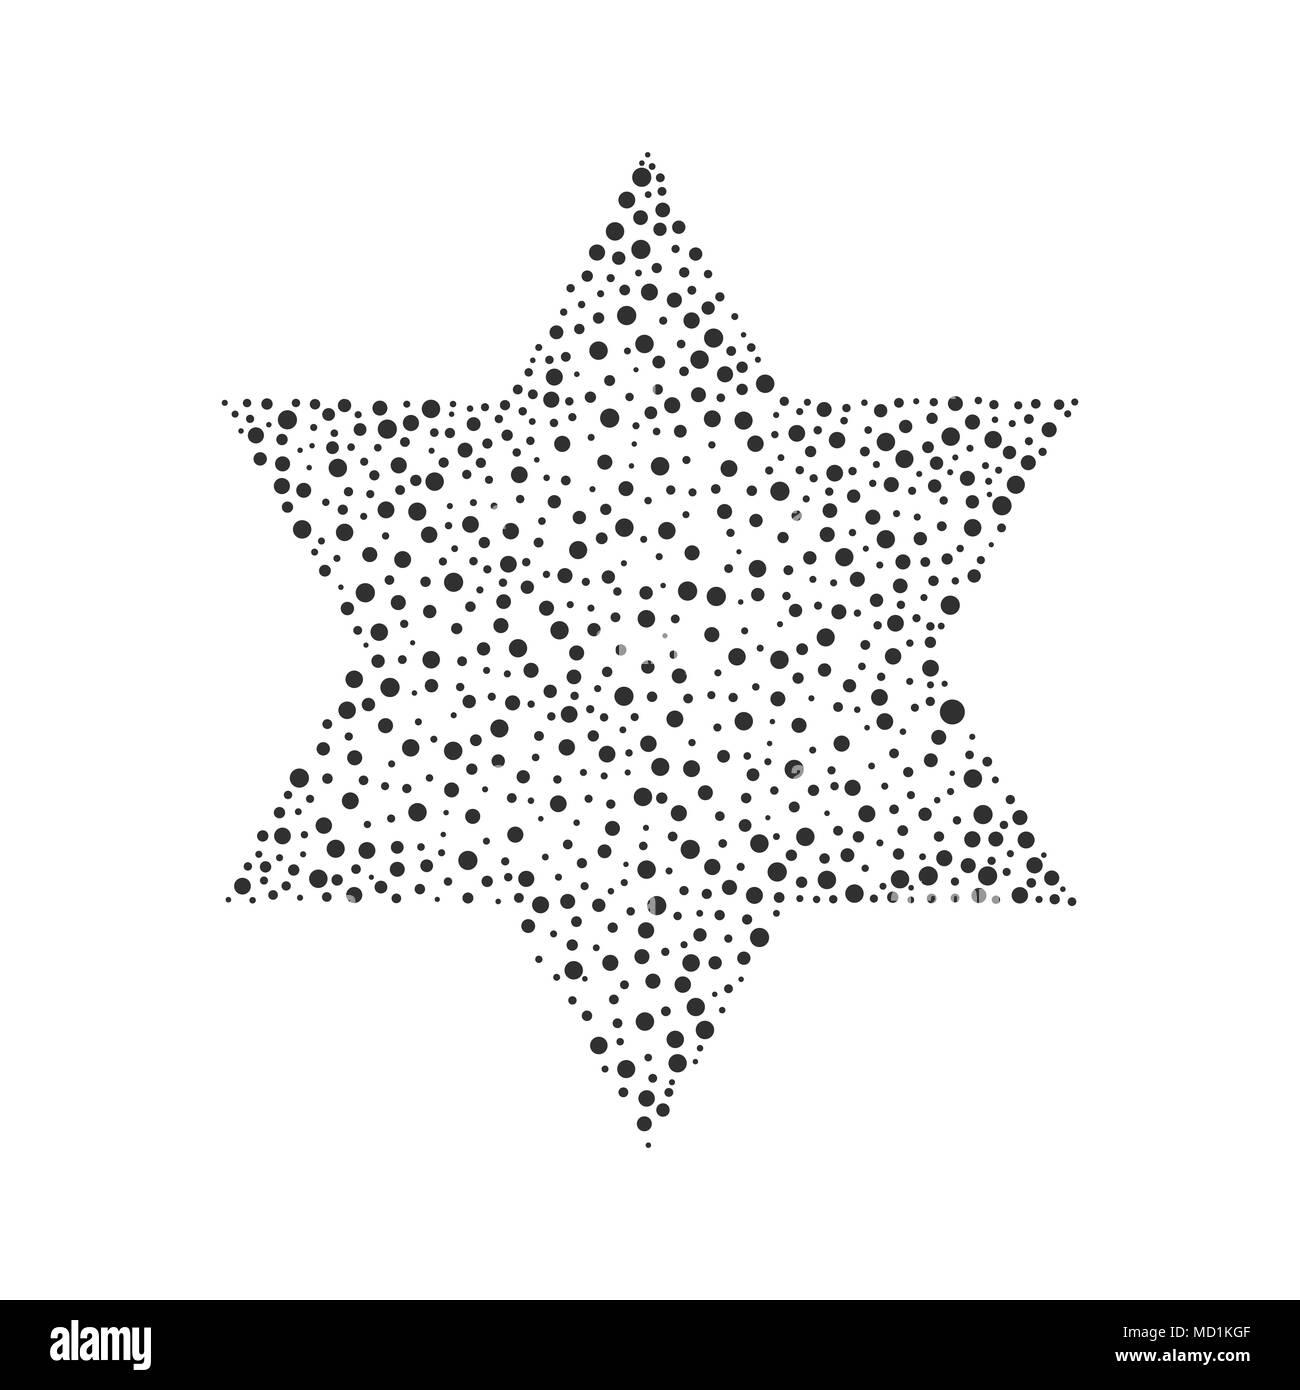 Wunderbar Vorlage 3d Sterne Galerie - Druckbare Malvorlagen ...